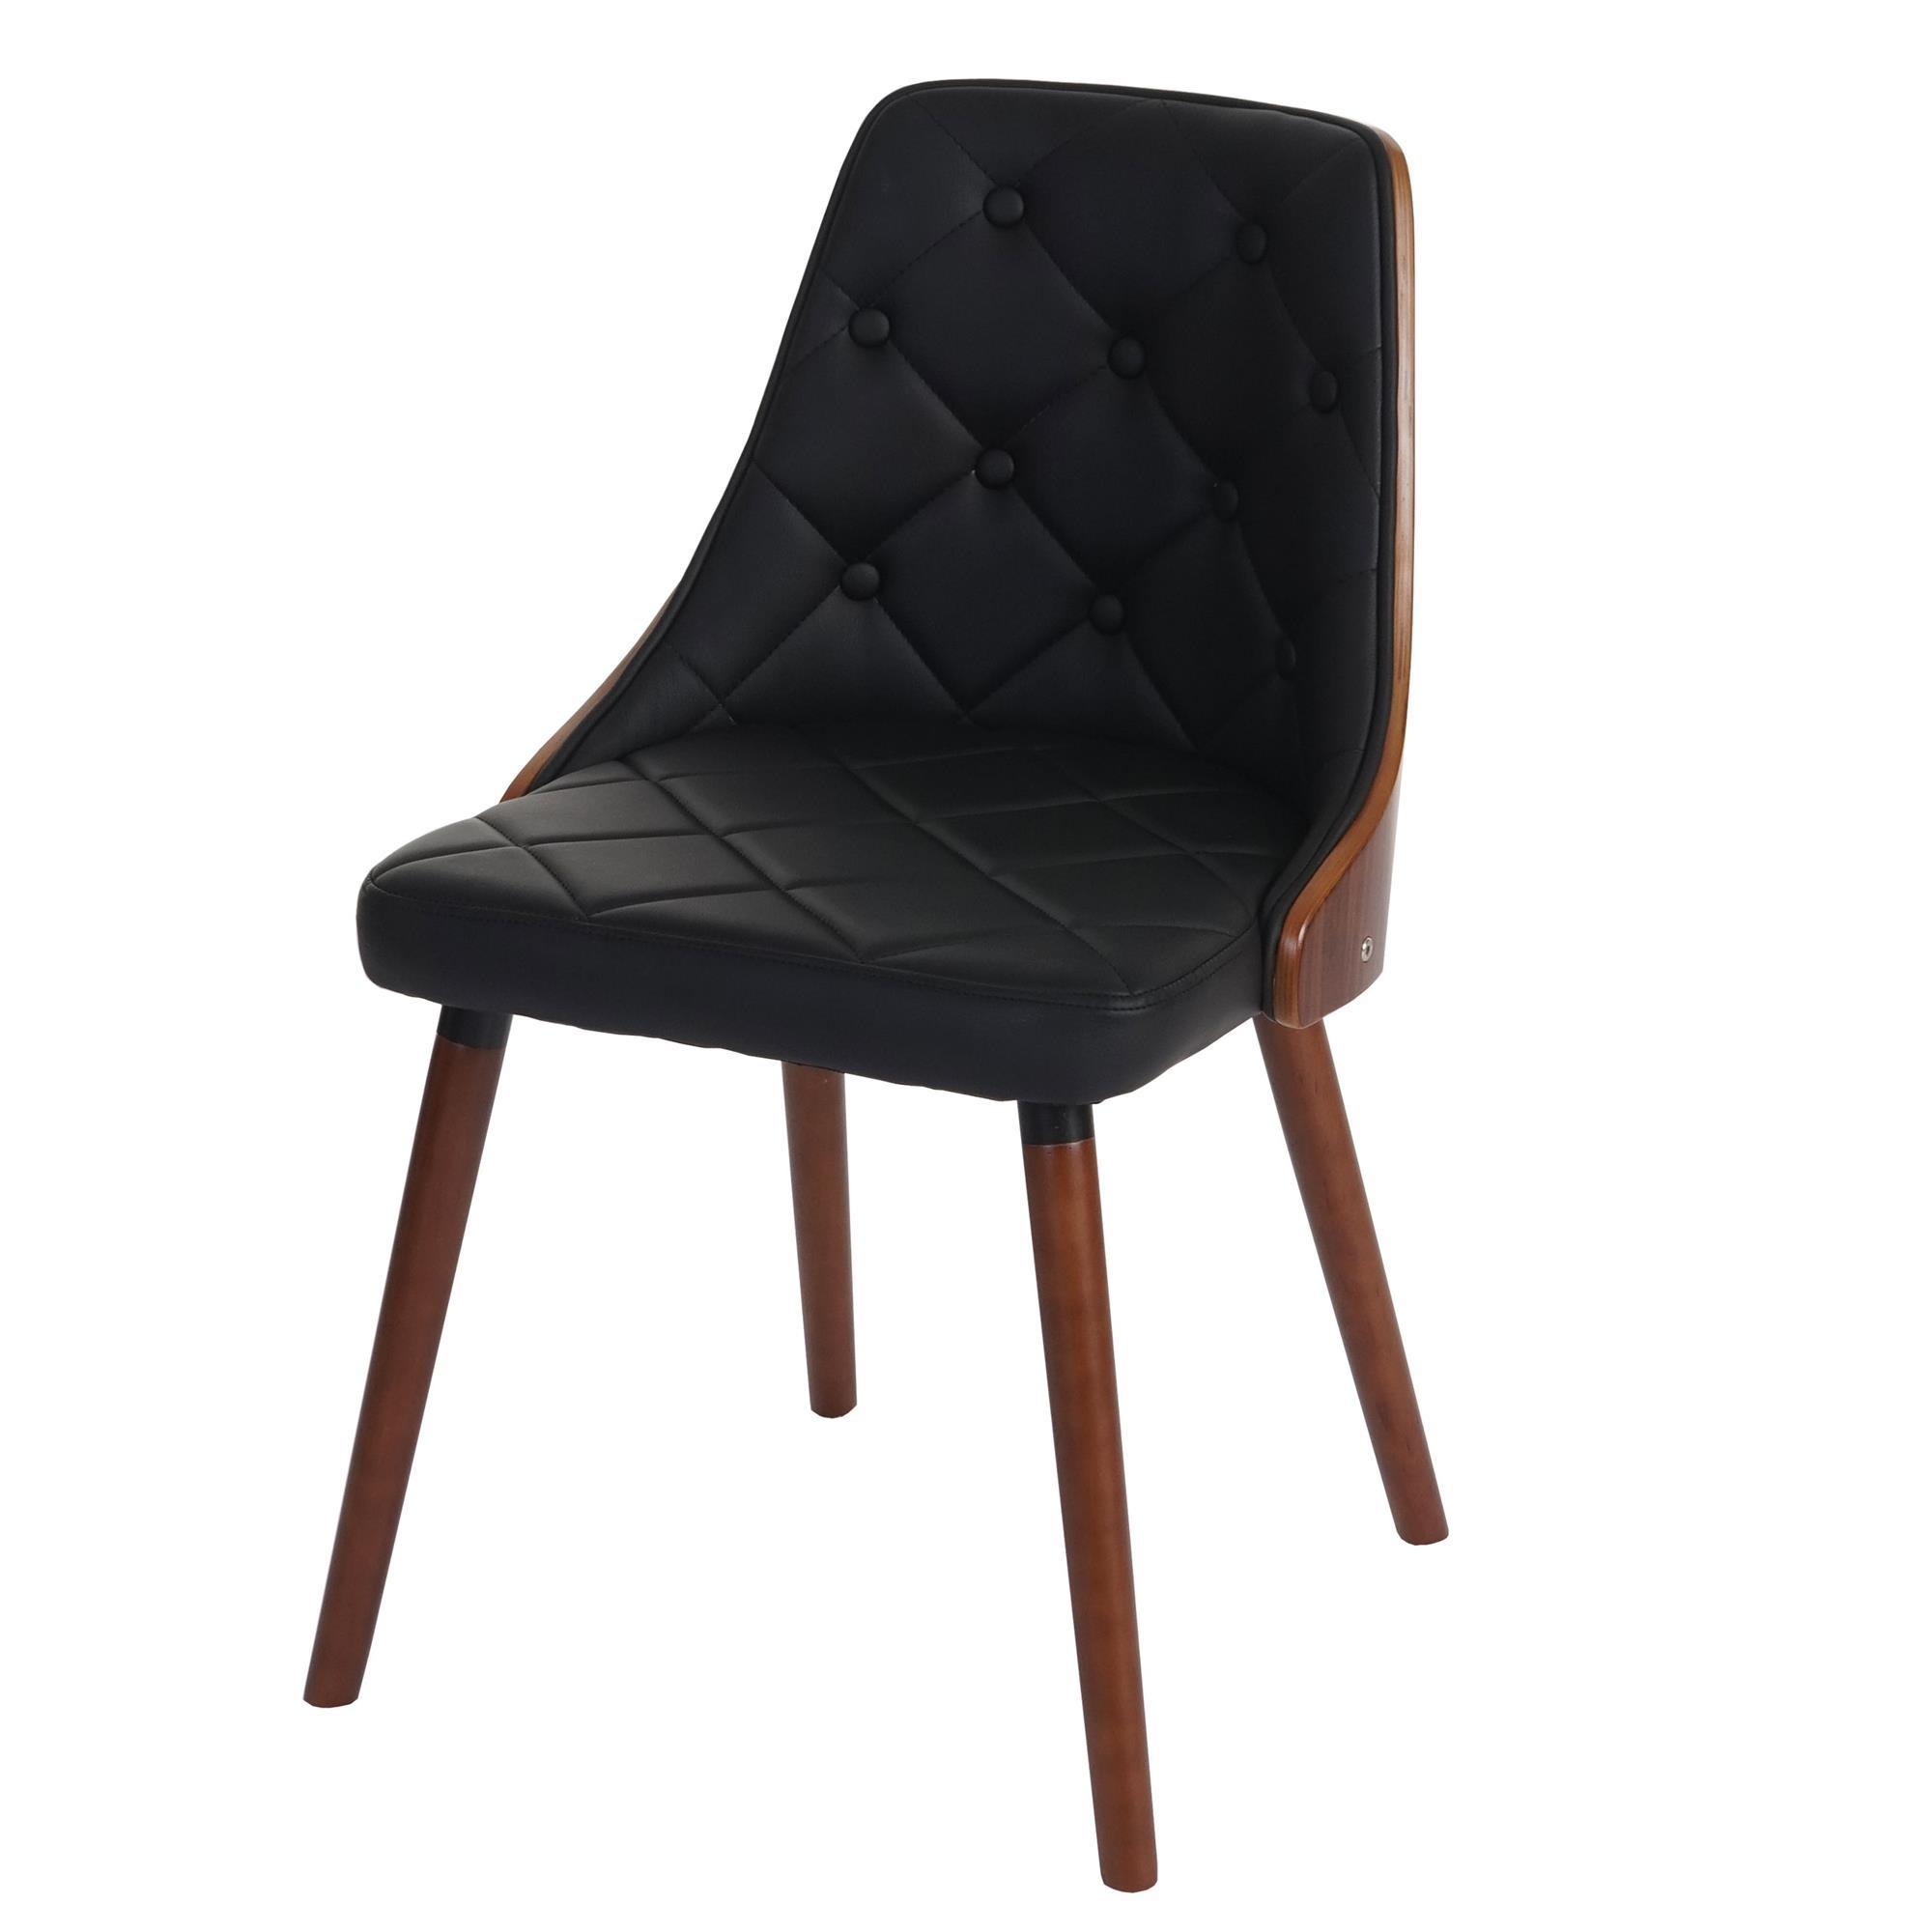 Lote 6 sillas de comedor baley en piel negra conjunto 6 for Sillas de comedor de cuero